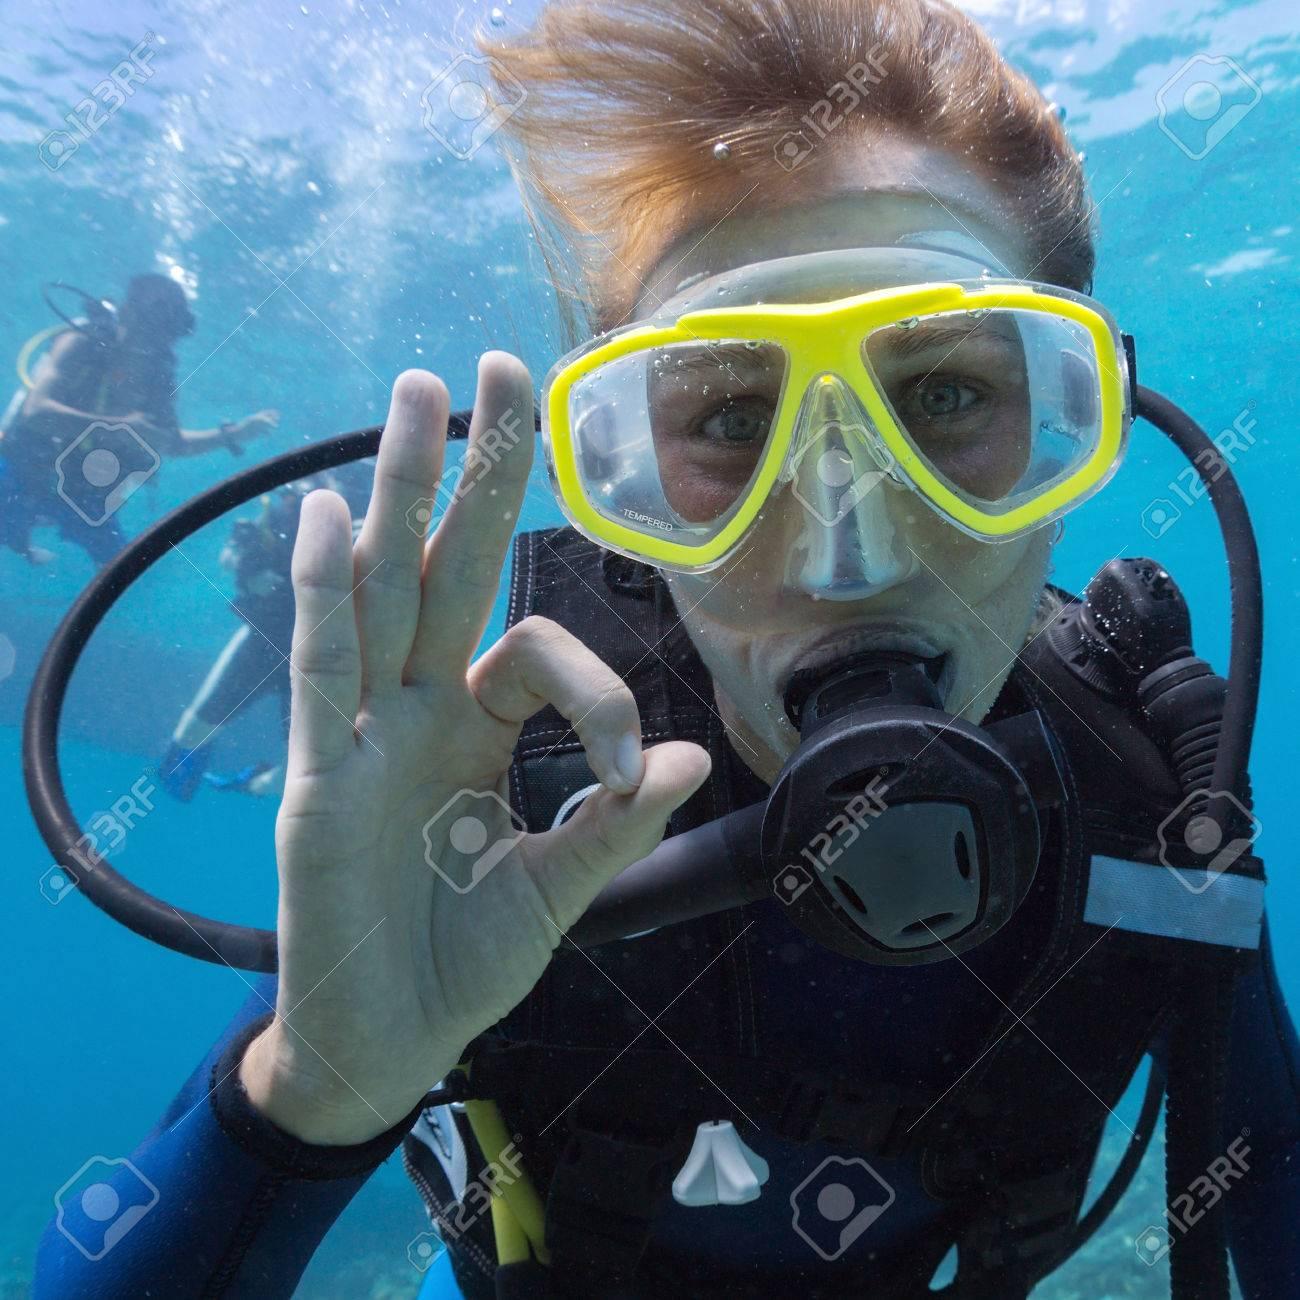 https://previews.123rf.com/images/mihtiander/mihtiander1408/mihtiander140800067/30850452-Plong-e-sous-marine-Femme-plongeur-d-montrant-le-signal-ok-Banque-d'images.jpg